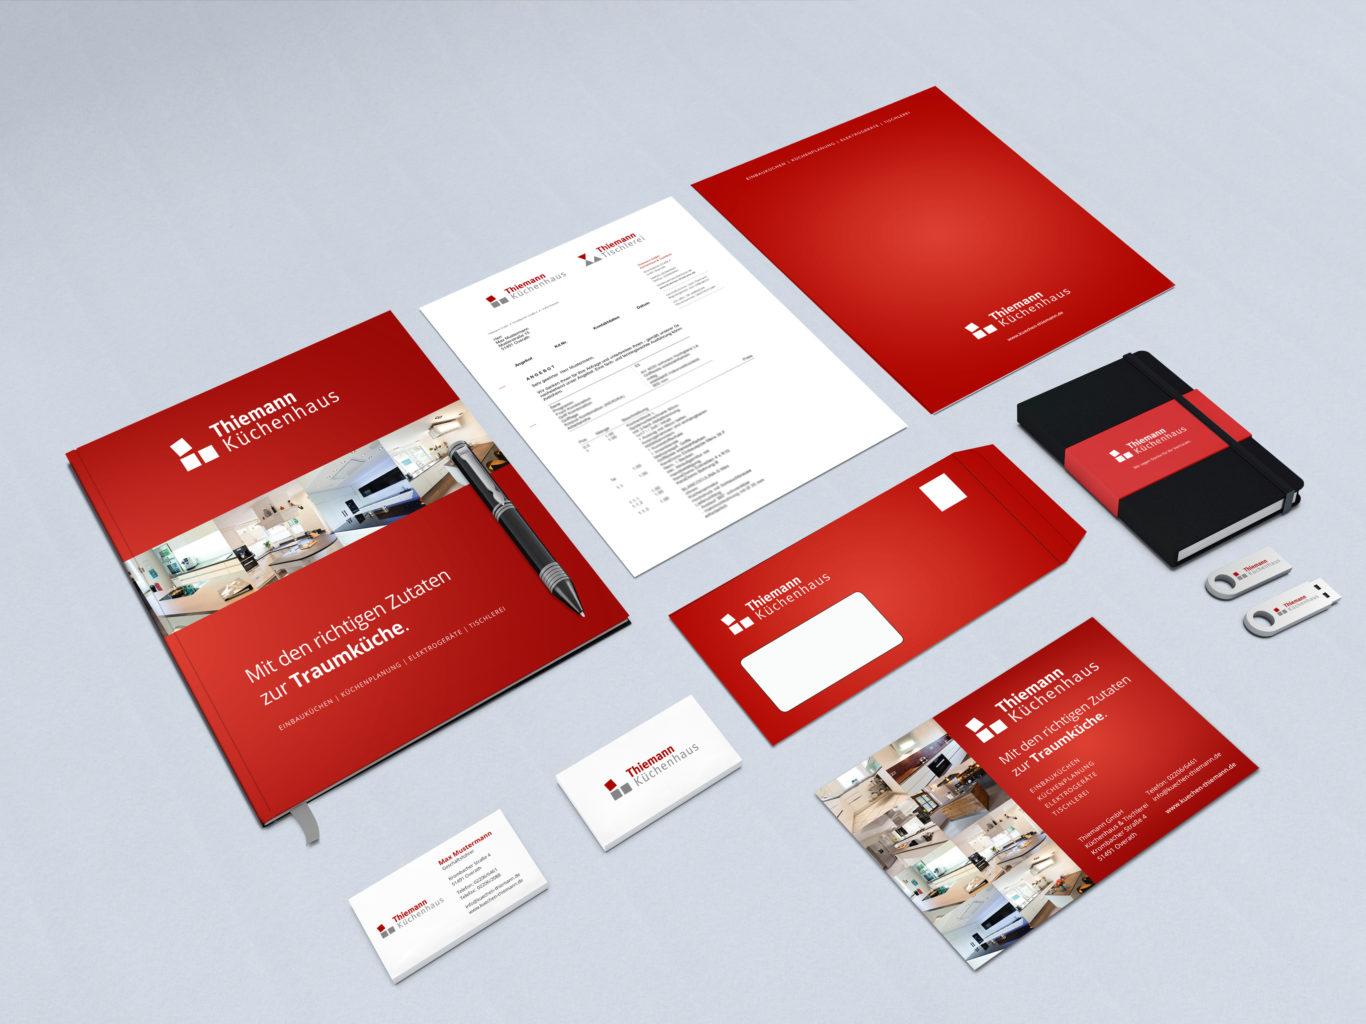 Thiemann Referenz 3 Corporate Design Drucksachen Gestaltung Design